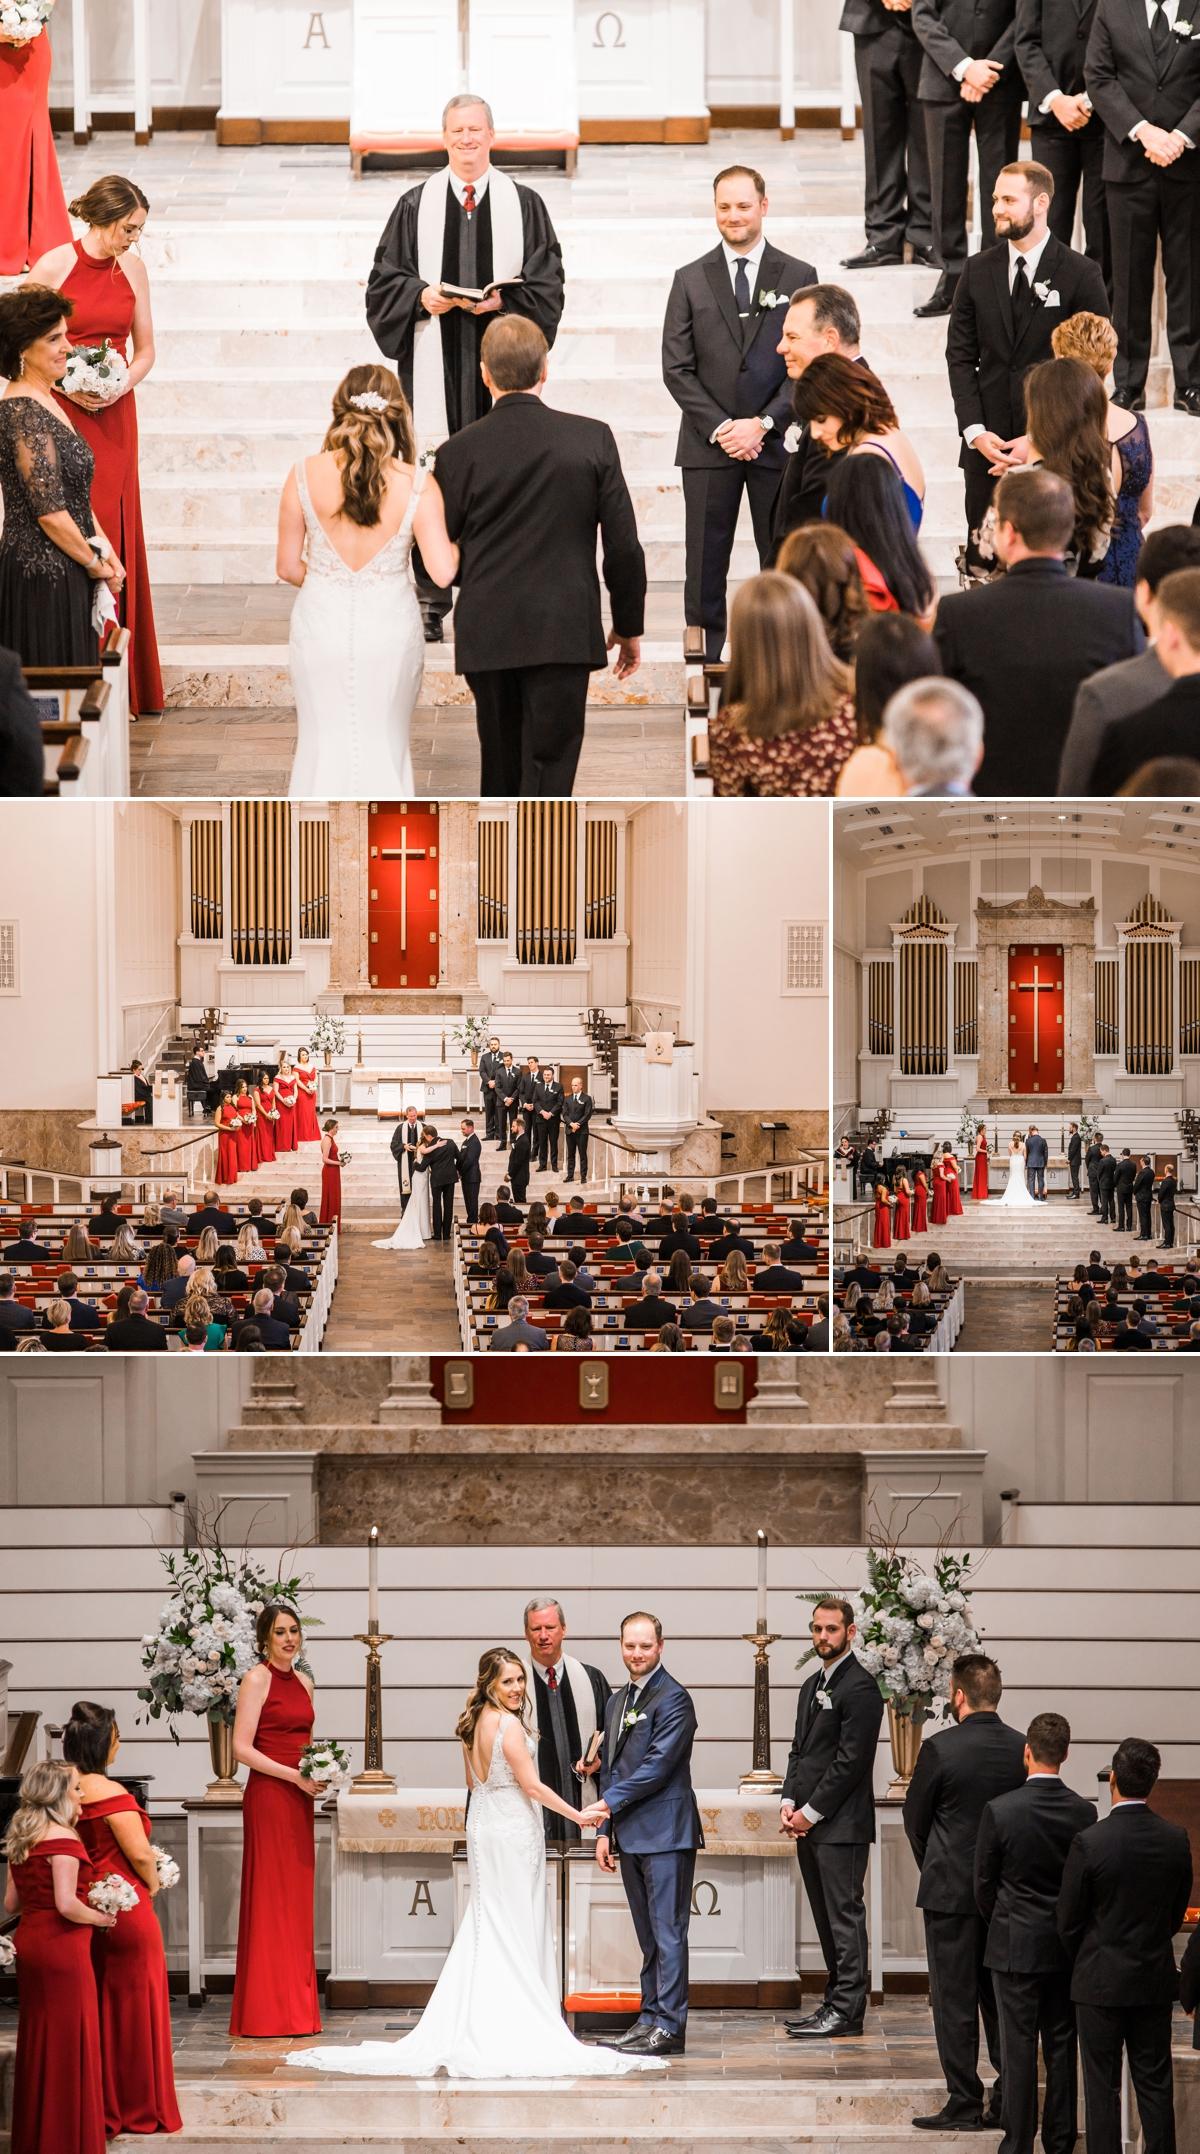 St. Luke's United Methodist Church Houston Wedding Ceremony